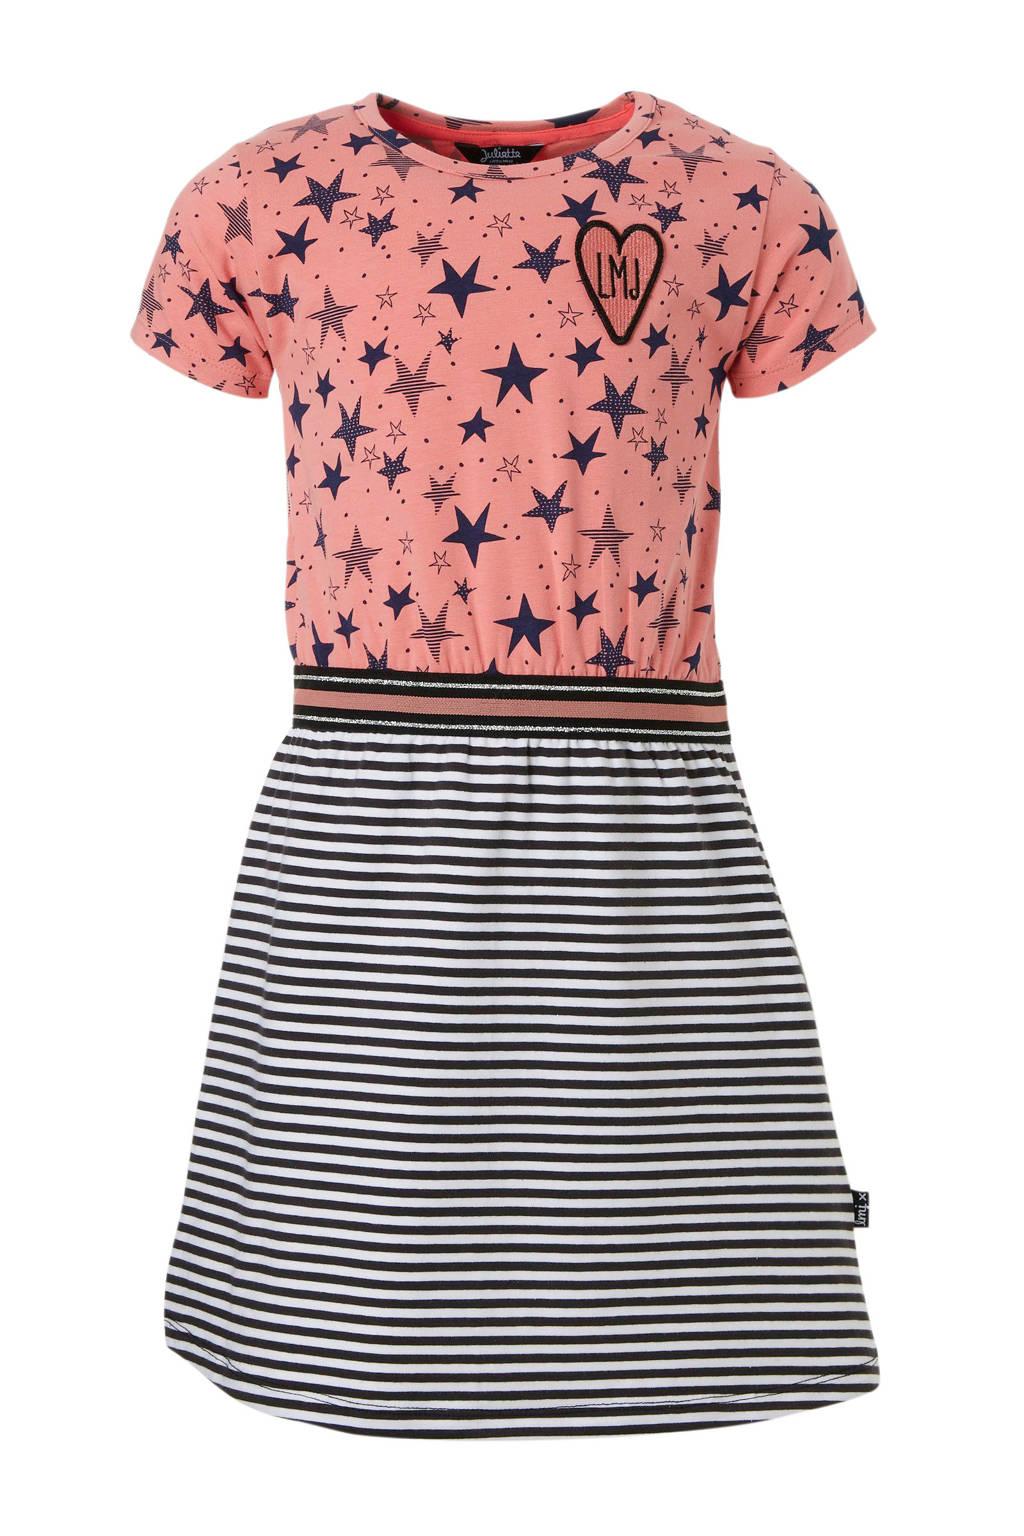 5f9b940648be36 Little Miss Juliette jurk met strepen en sterren